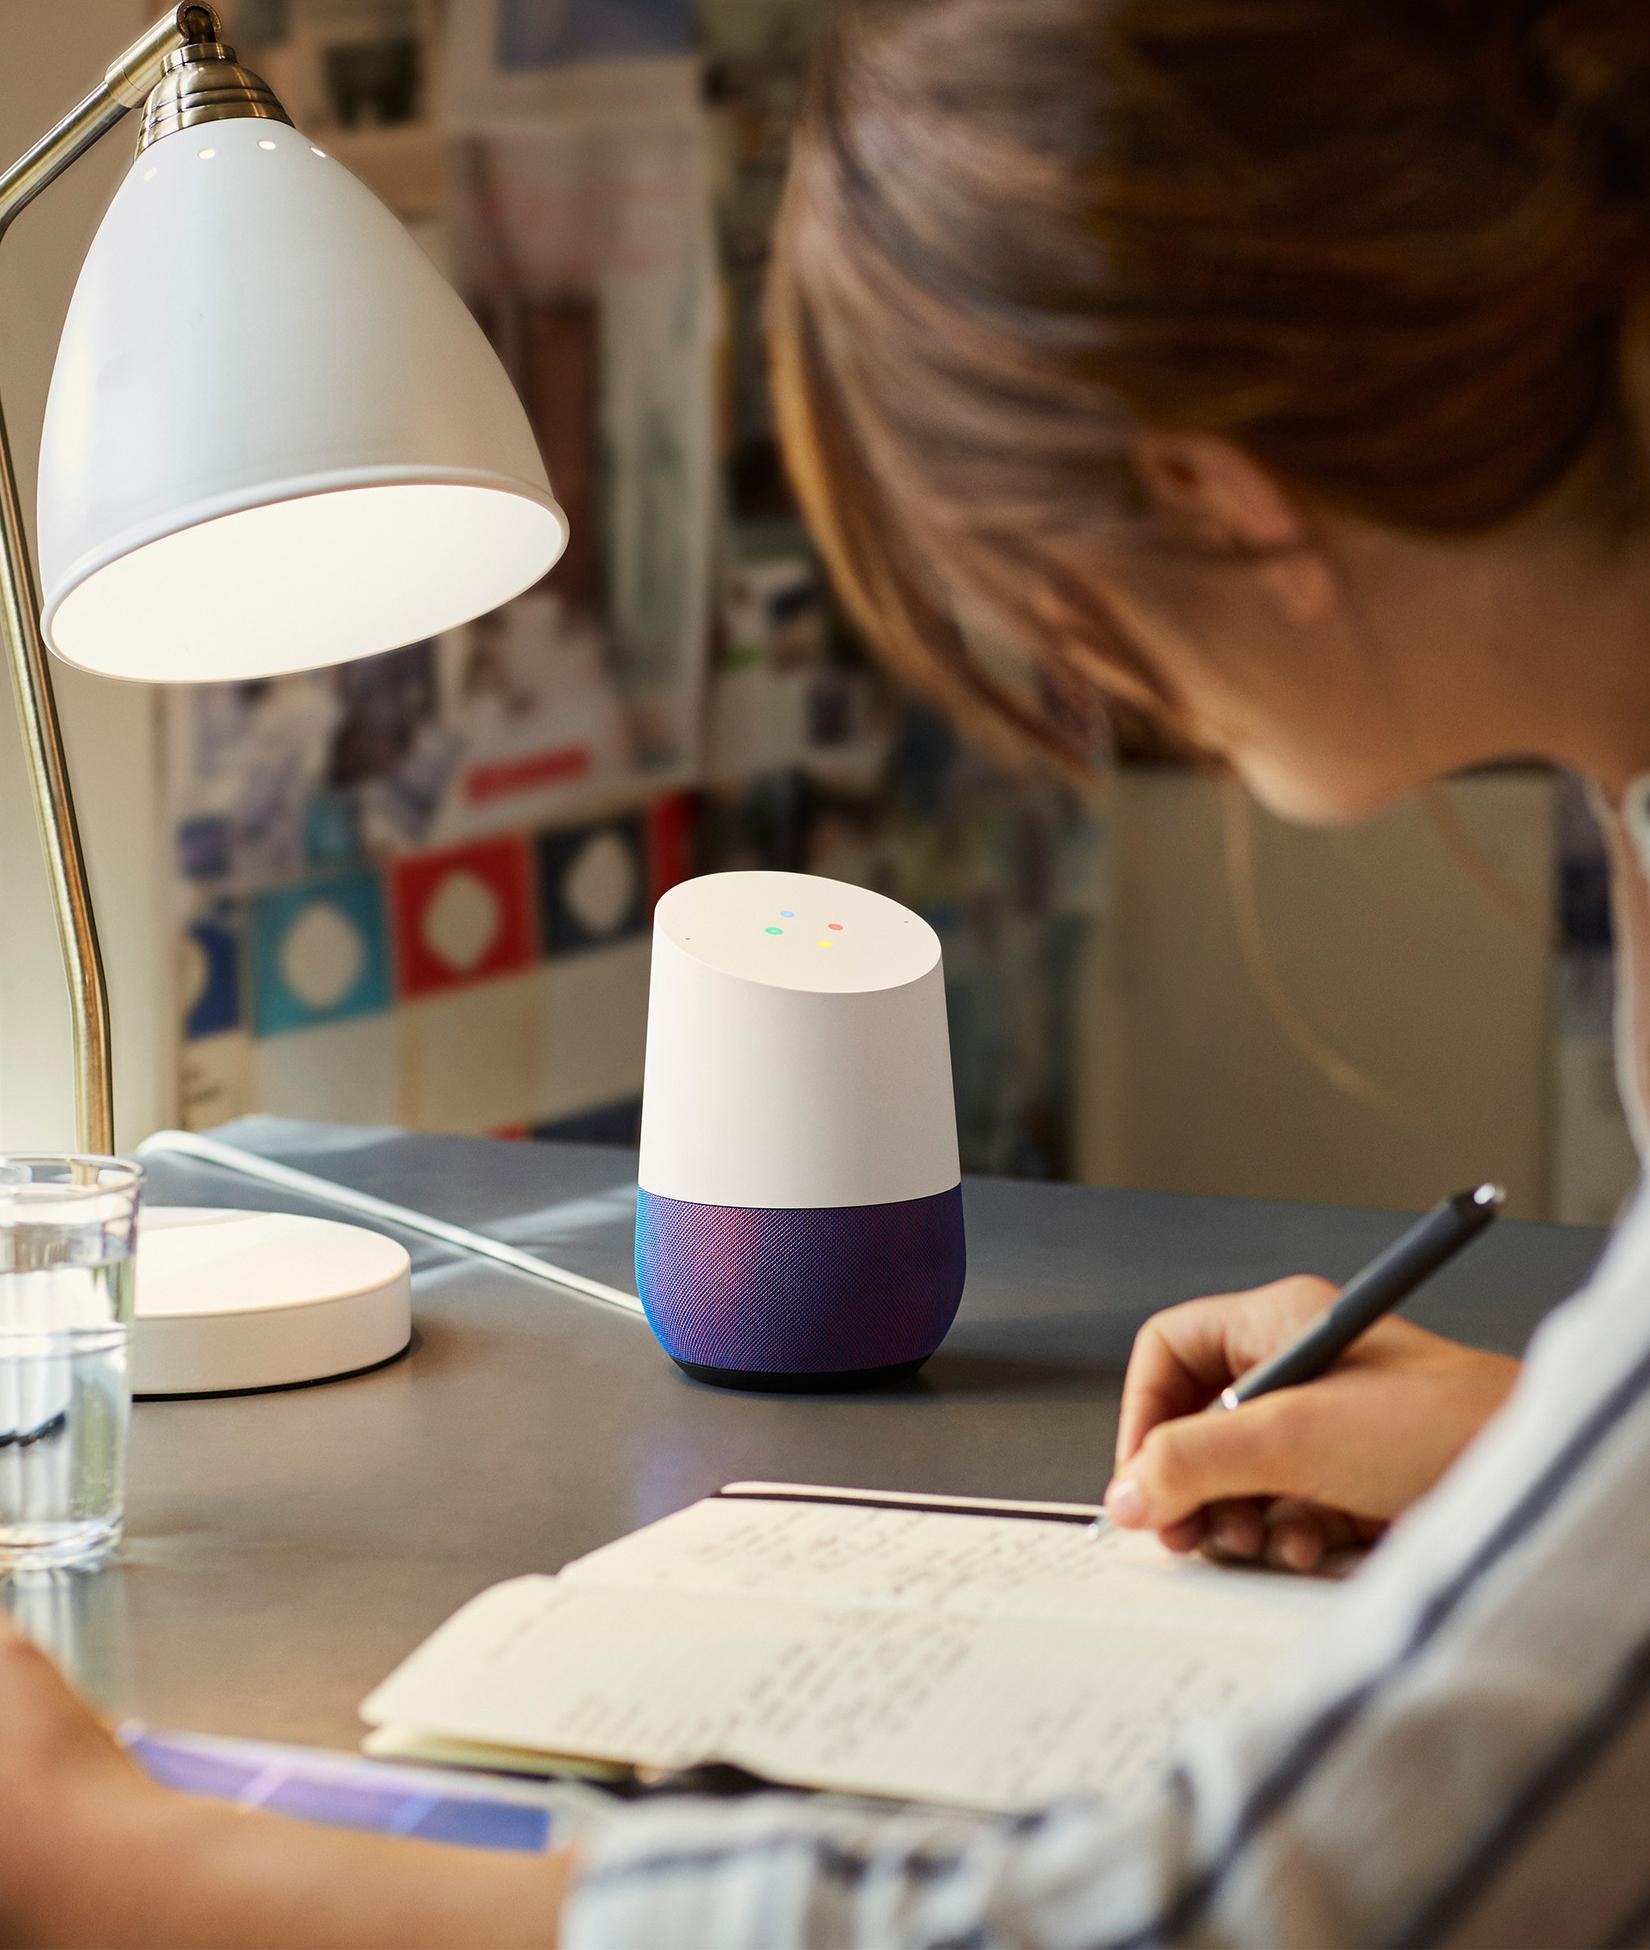 Google Home débarque au Canada et apprend le français